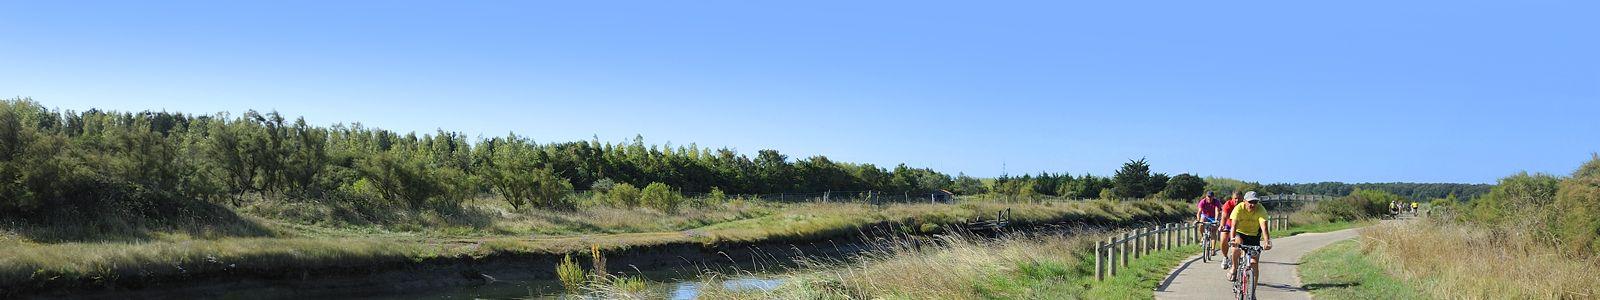 Pistes cyclables dans les marais